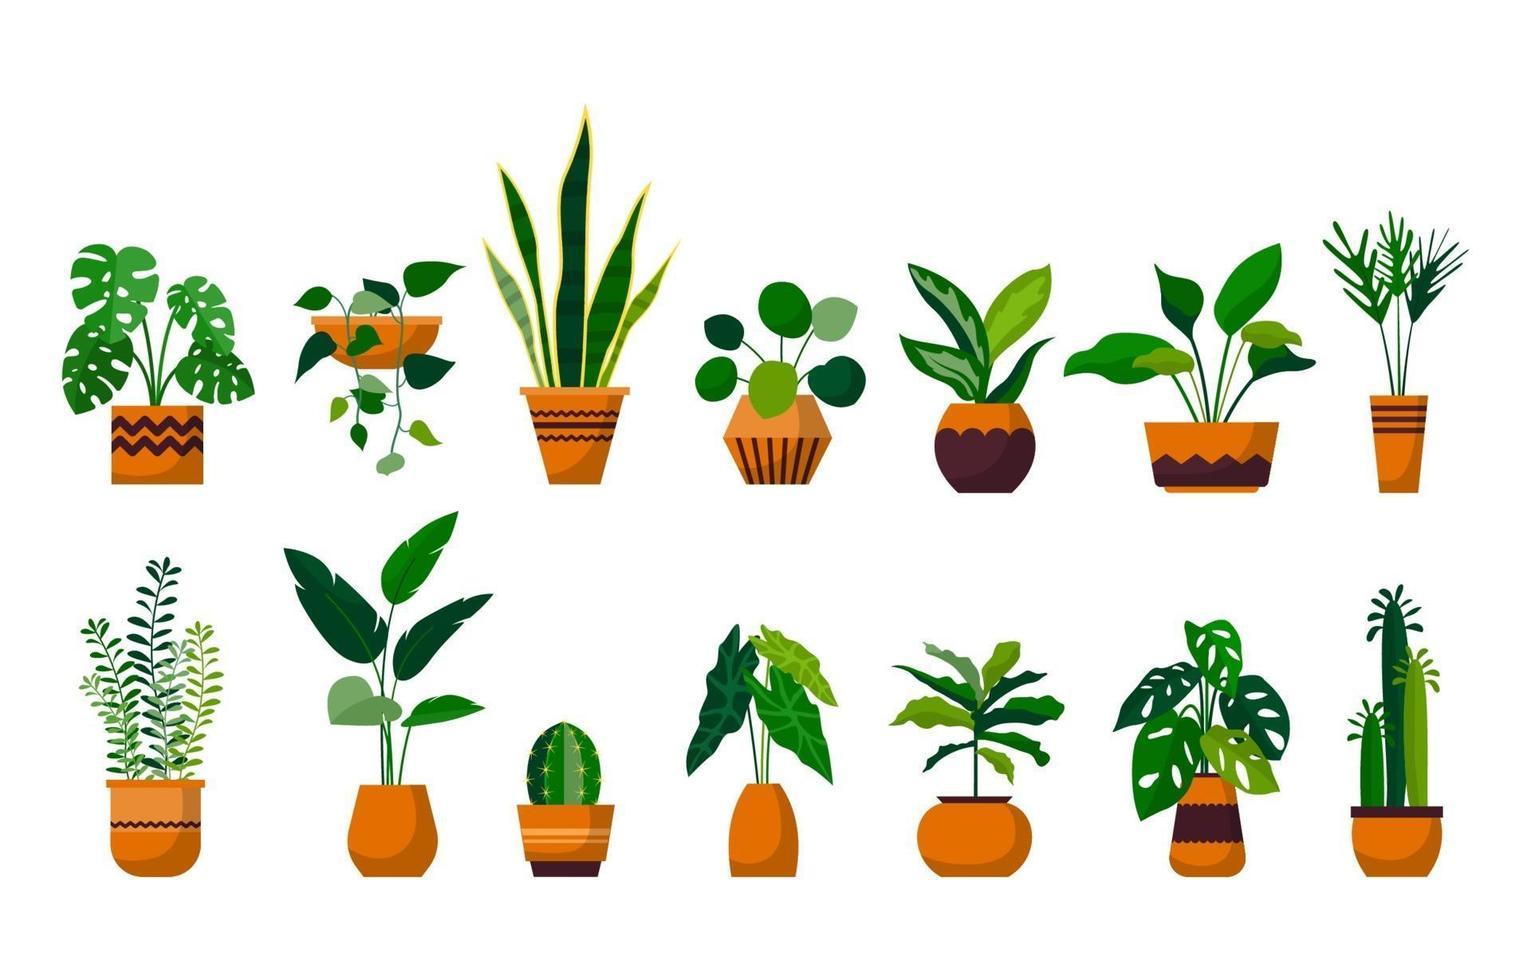 insieme di vettore botanico del giardino della pianta decorativa verde della pianta d'appartamento